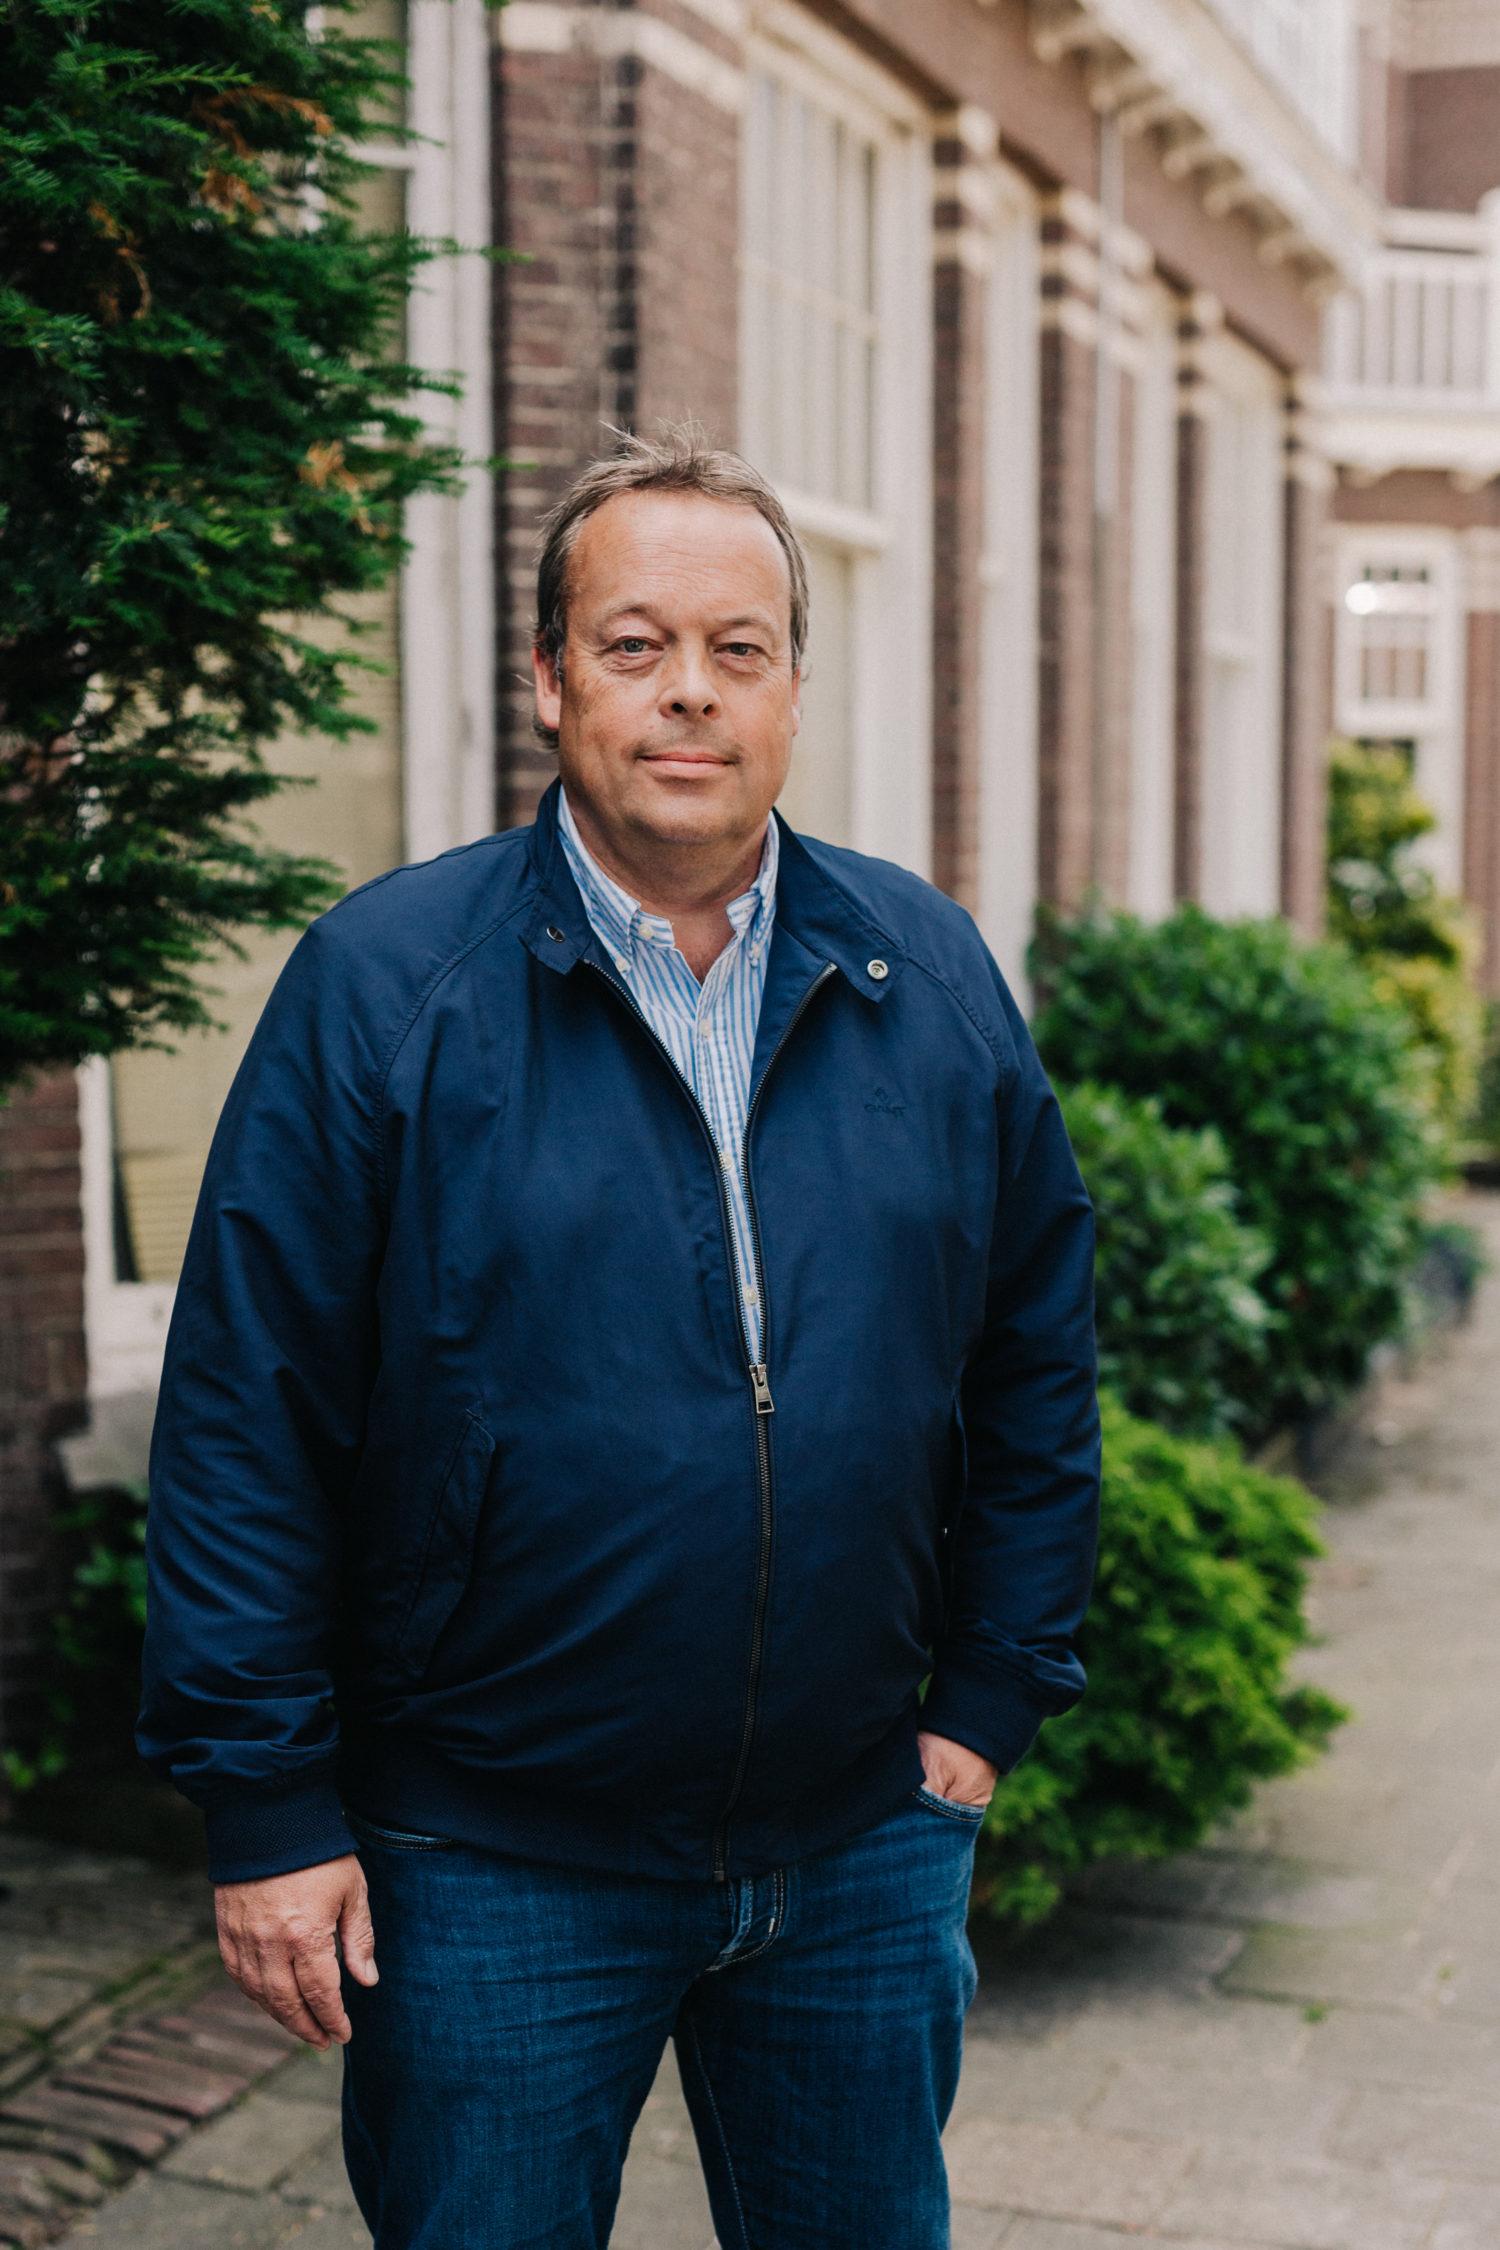 Paul Hoogendoorn